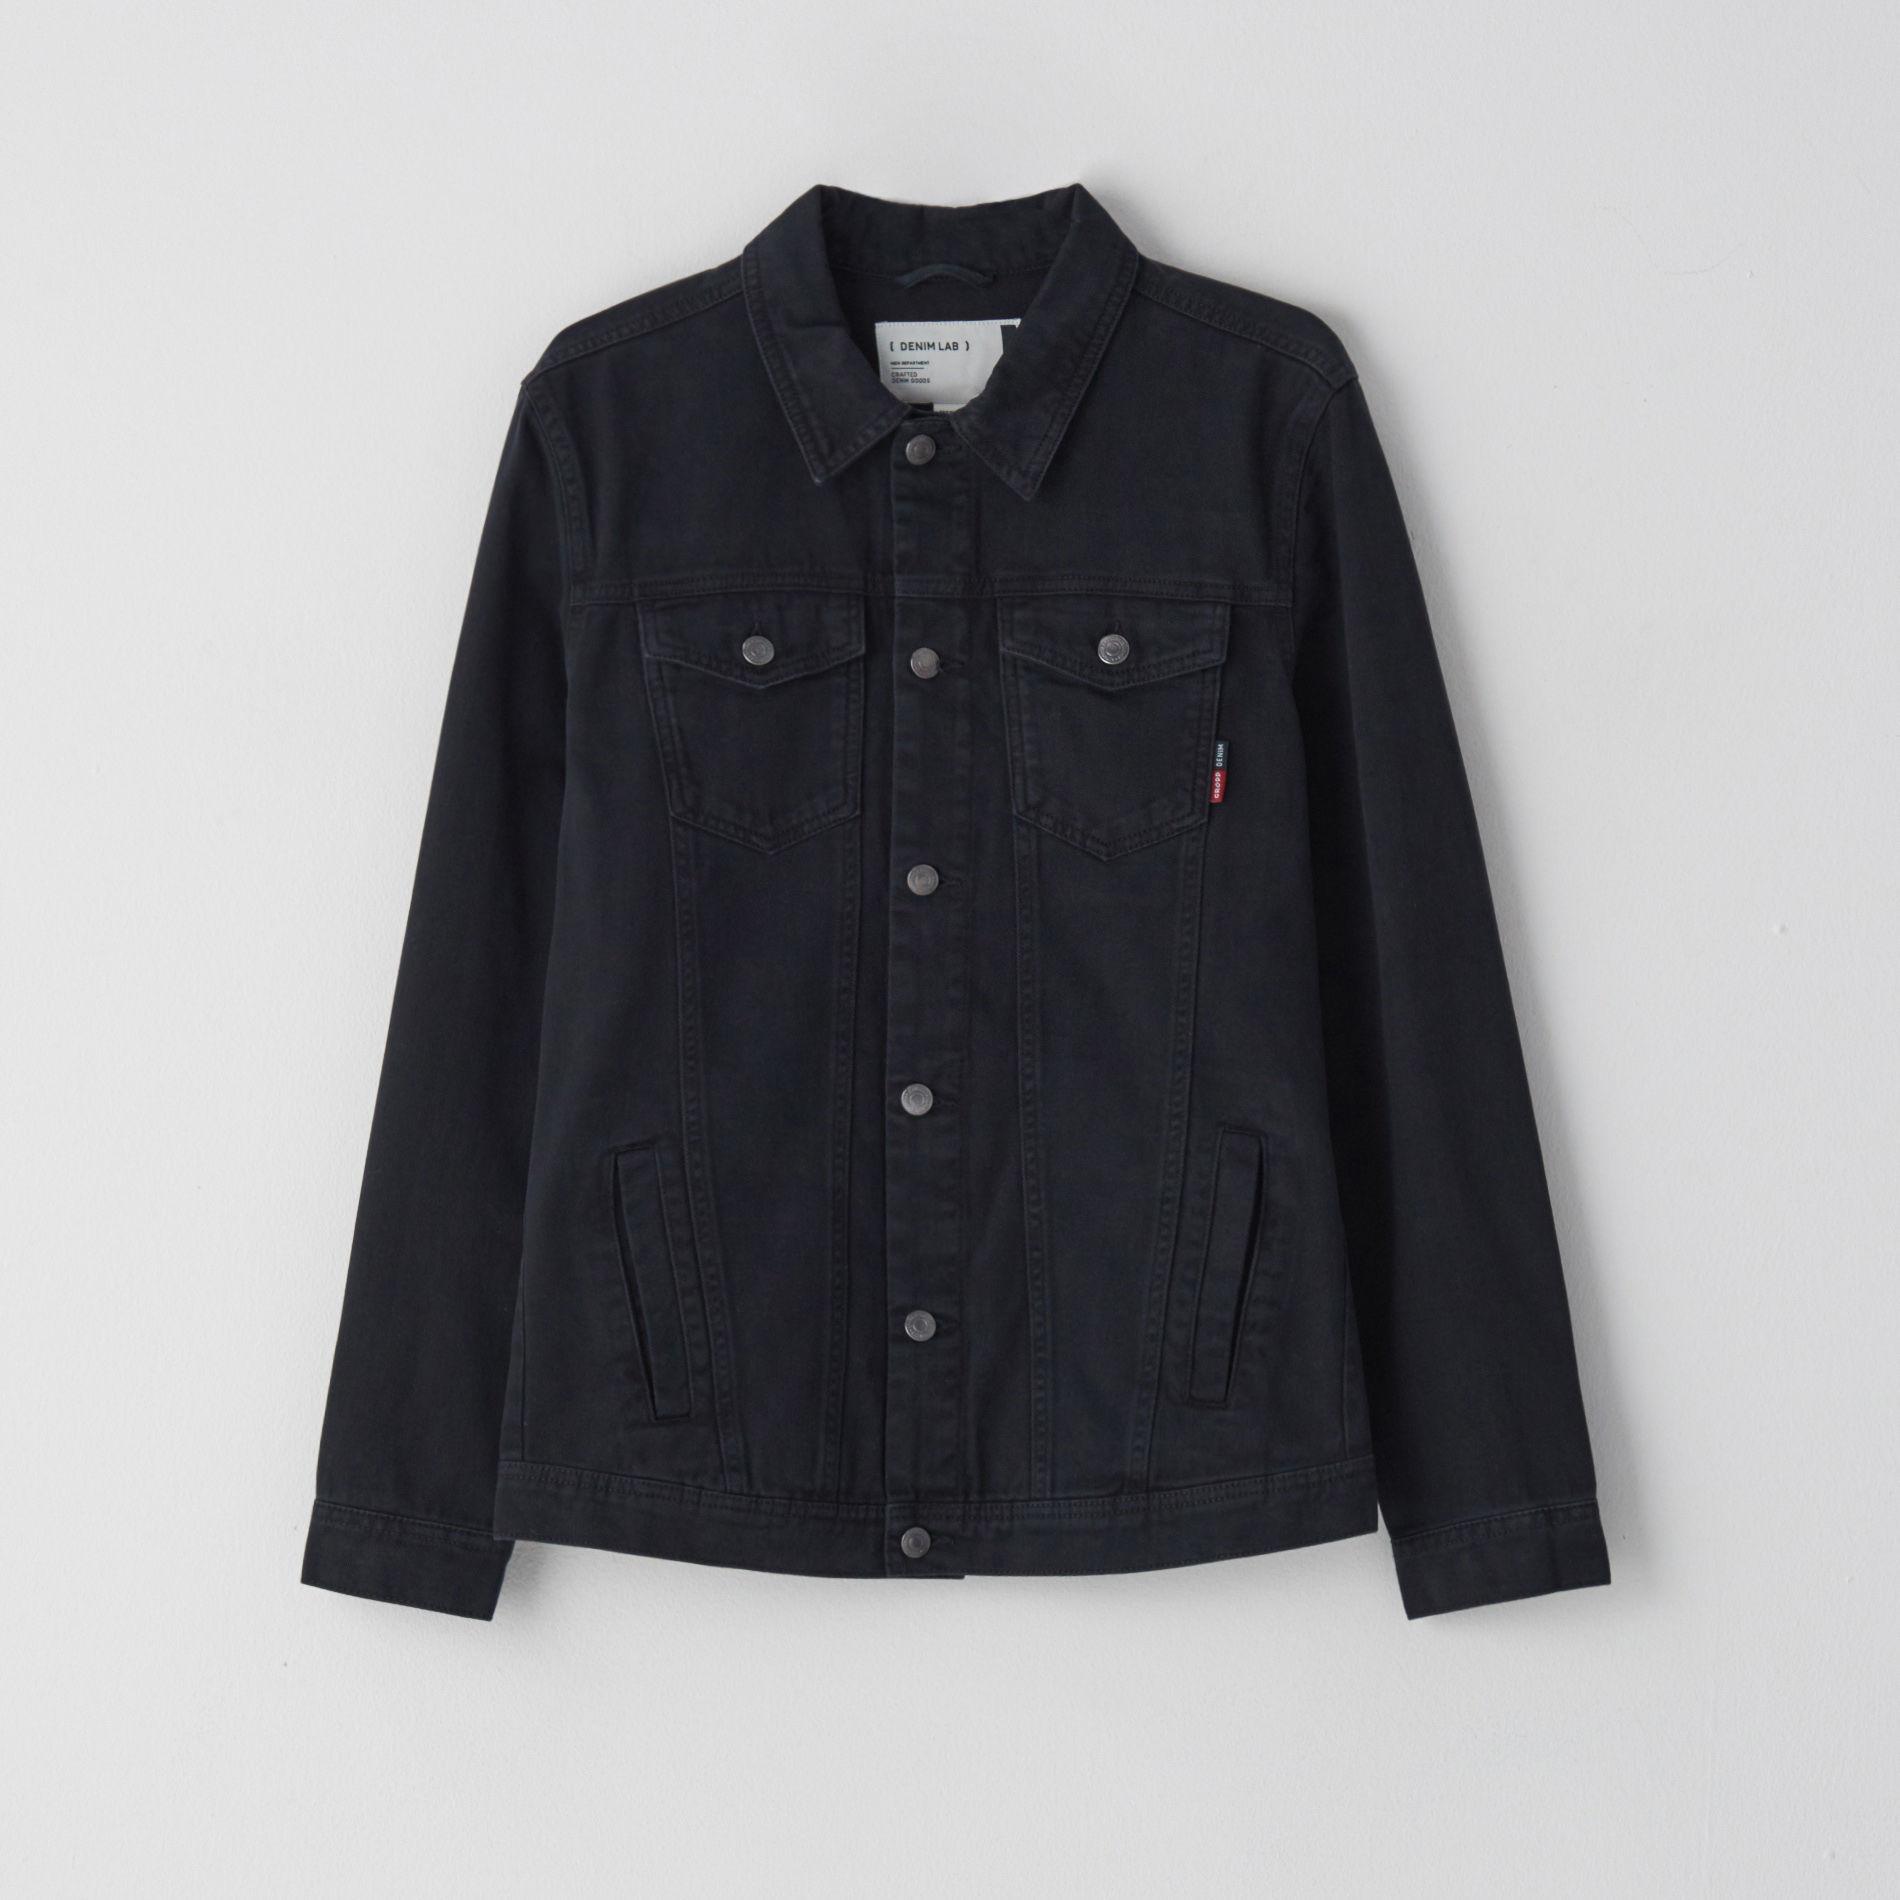 Cropp - Kurtka jeansowa - Czarny